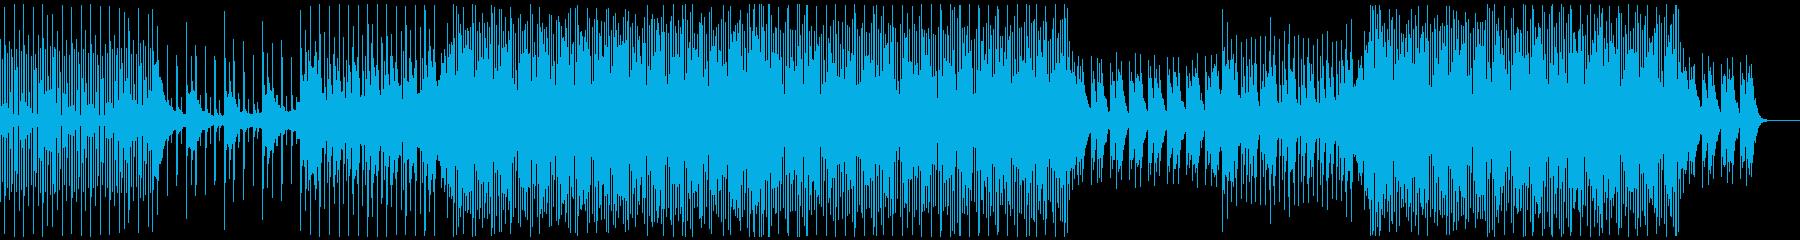 ハウスミュージック1(No Vocal)の再生済みの波形